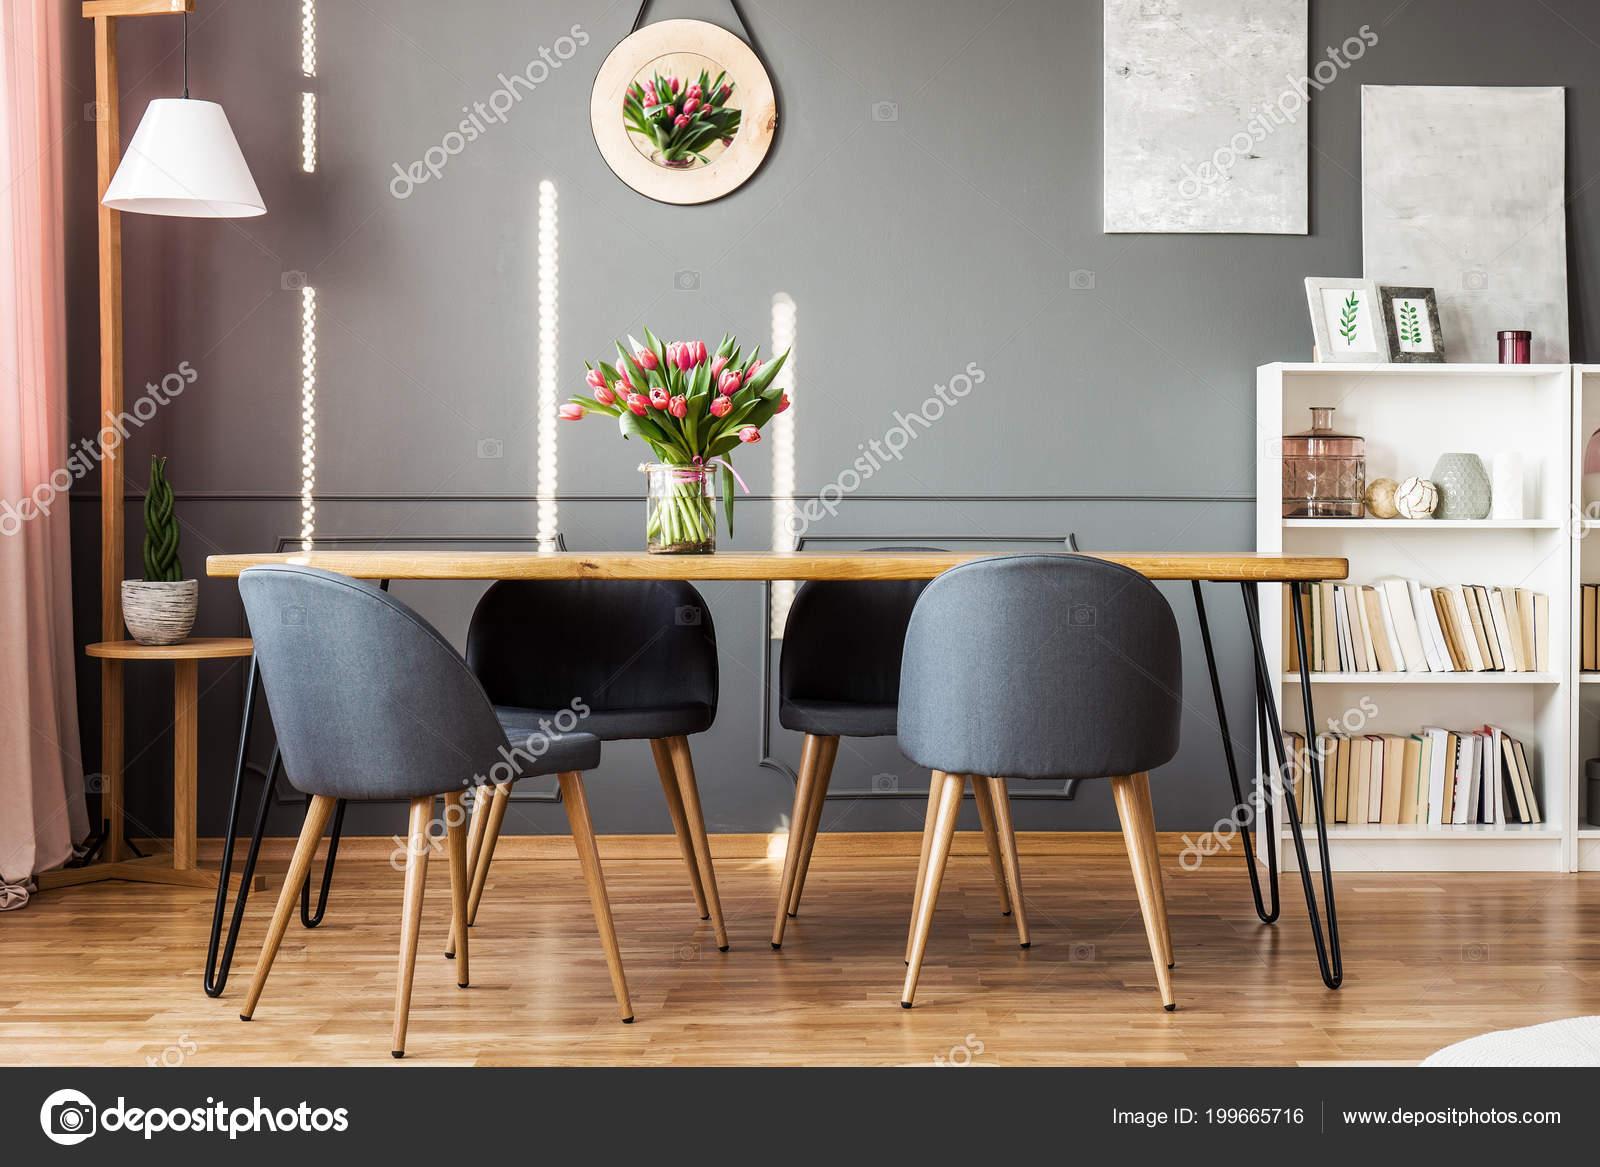 Houten eettafel grijze stoelen boekenplank roze tulpen het